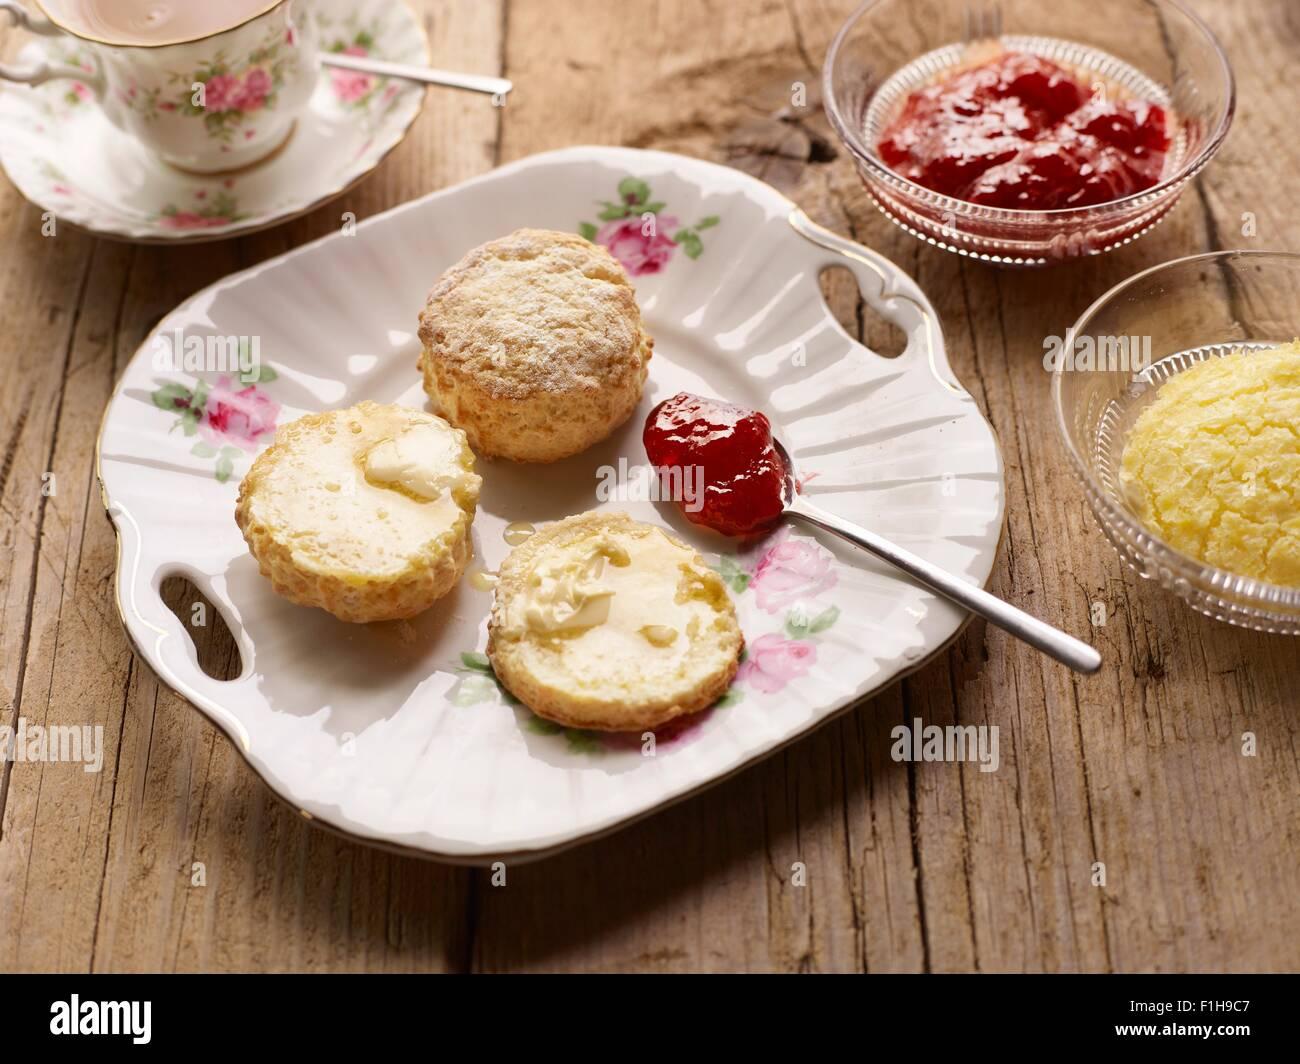 Il tè del pomeriggio con dolci appena usciti dal forno scones con marmellata e clotted cream Immagini Stock